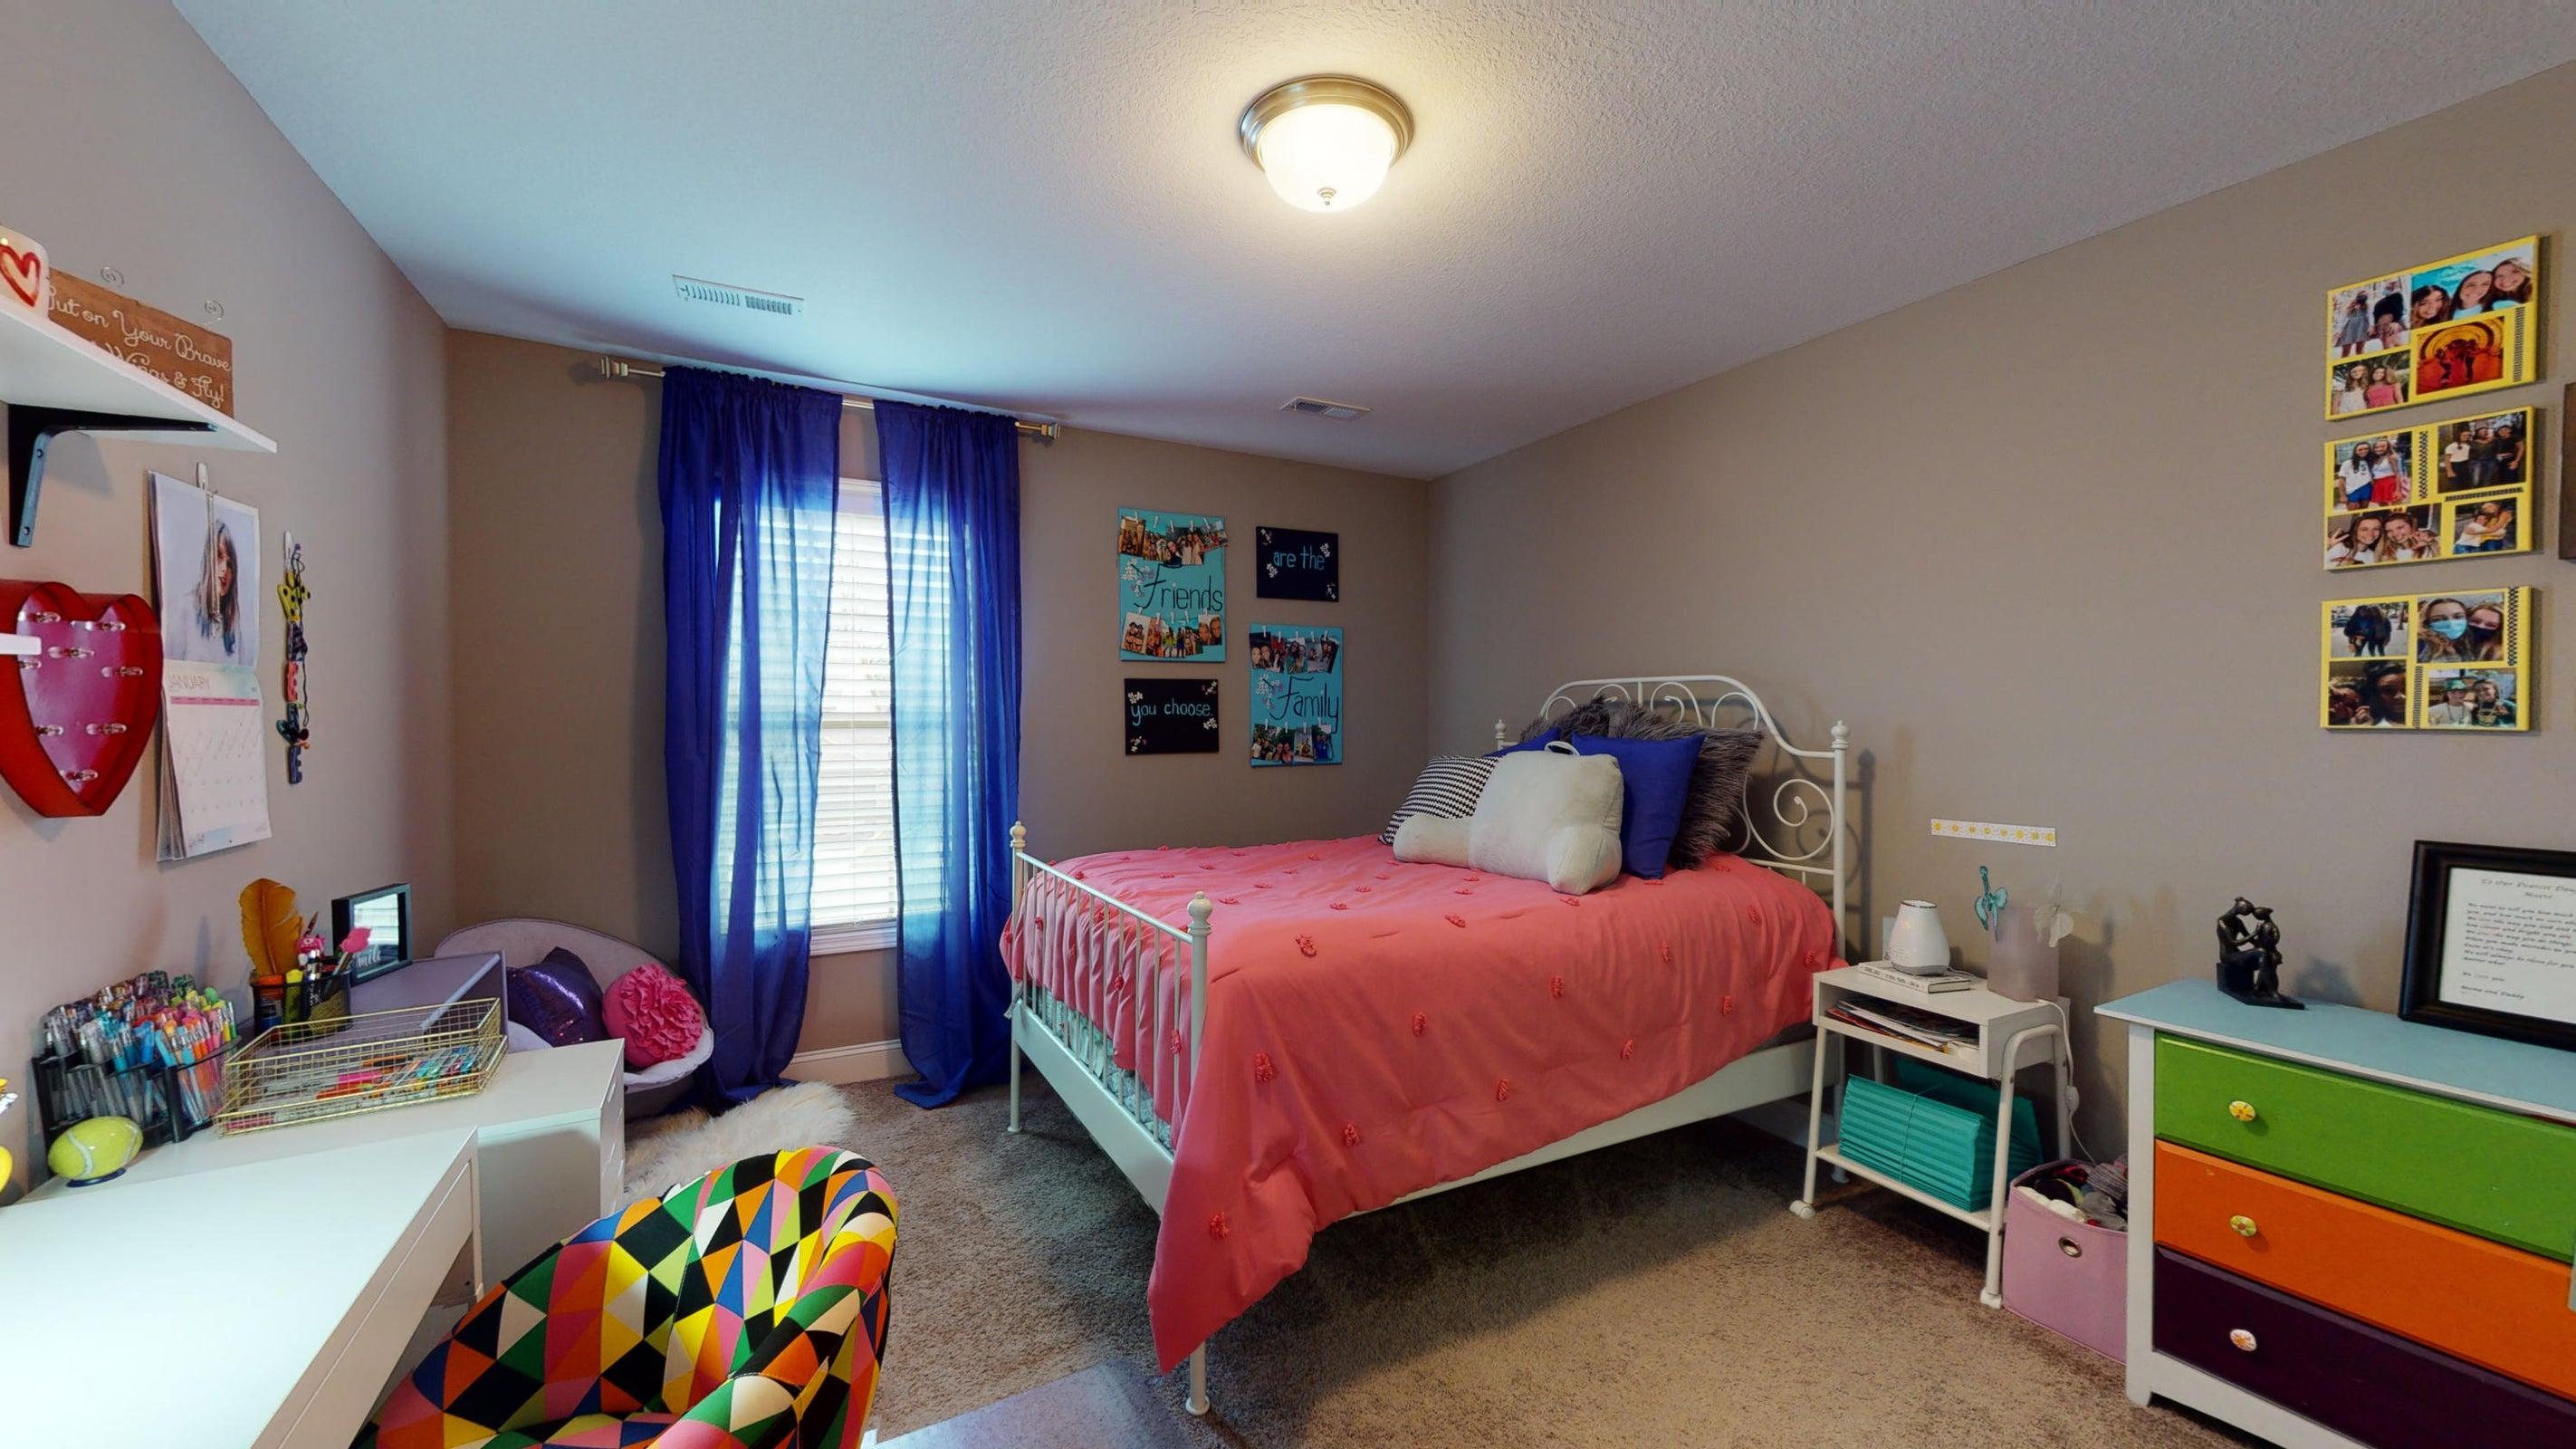 2352-Madeline-lane-Bedroom-21